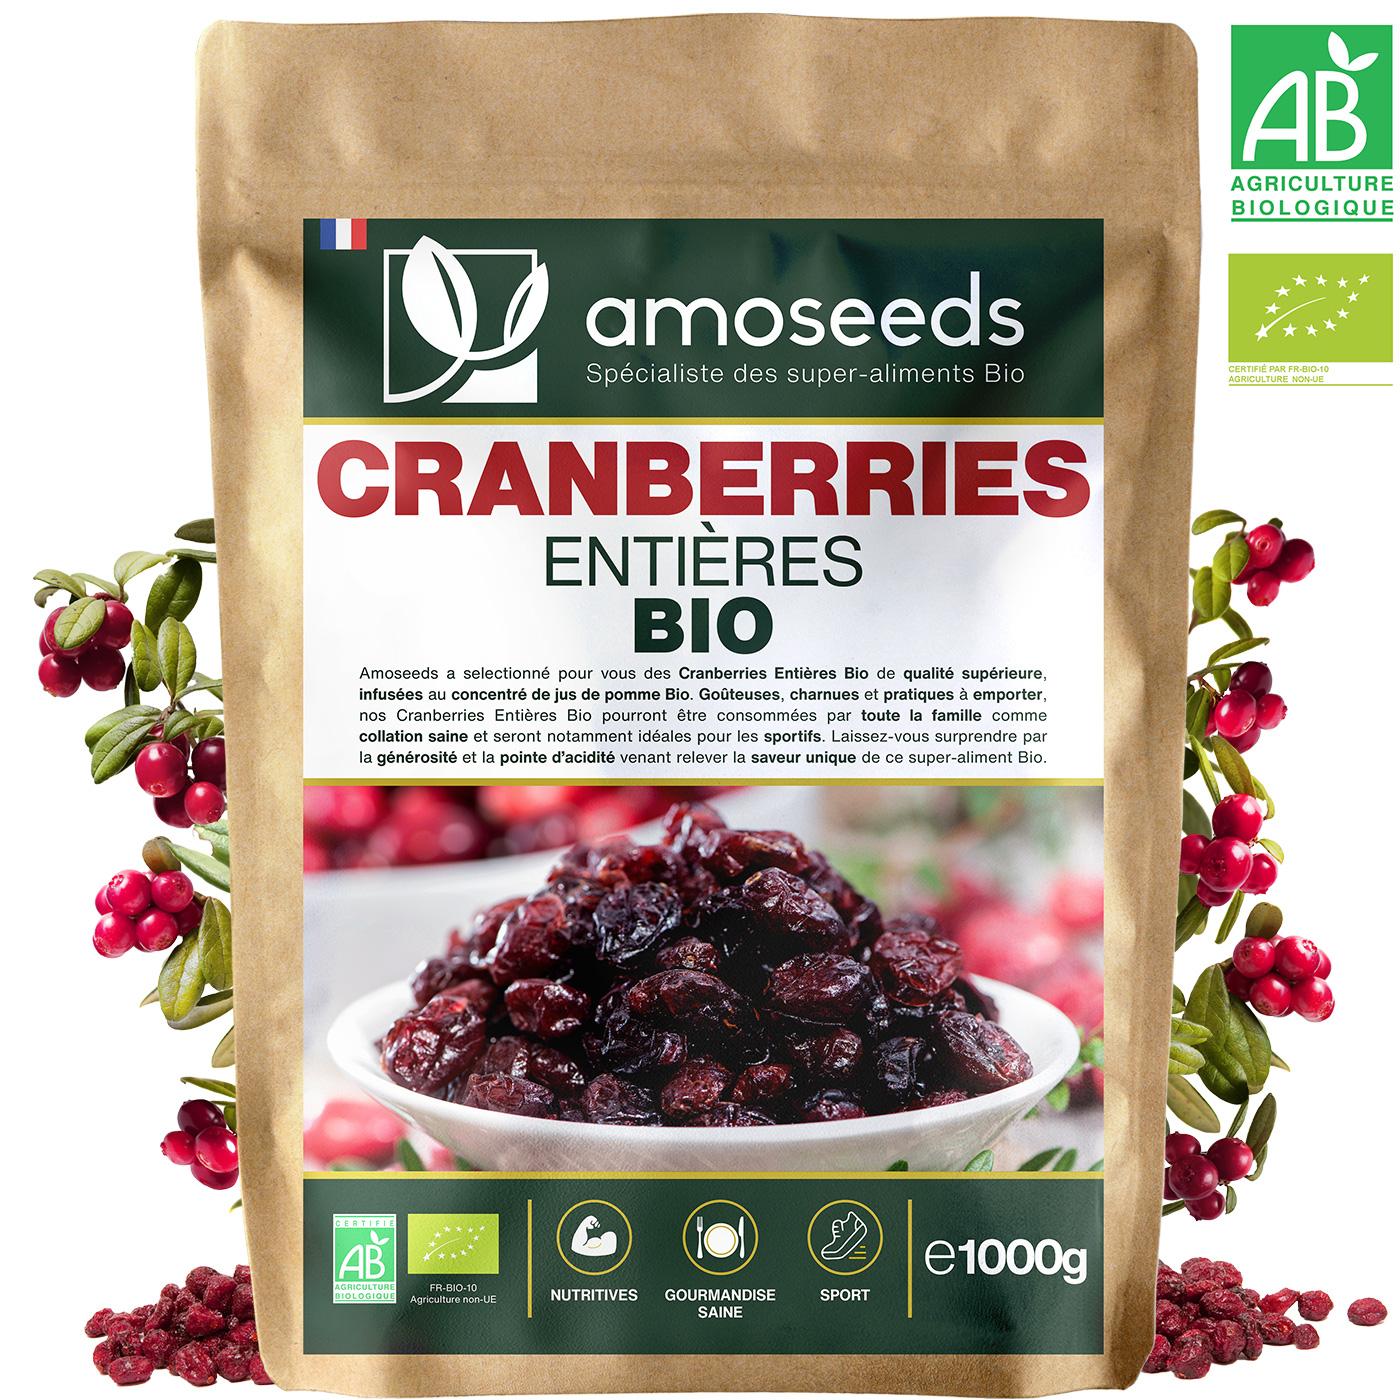 amoseeds - Cranberries Bio Canada - 1KG - Entières Déshydratées